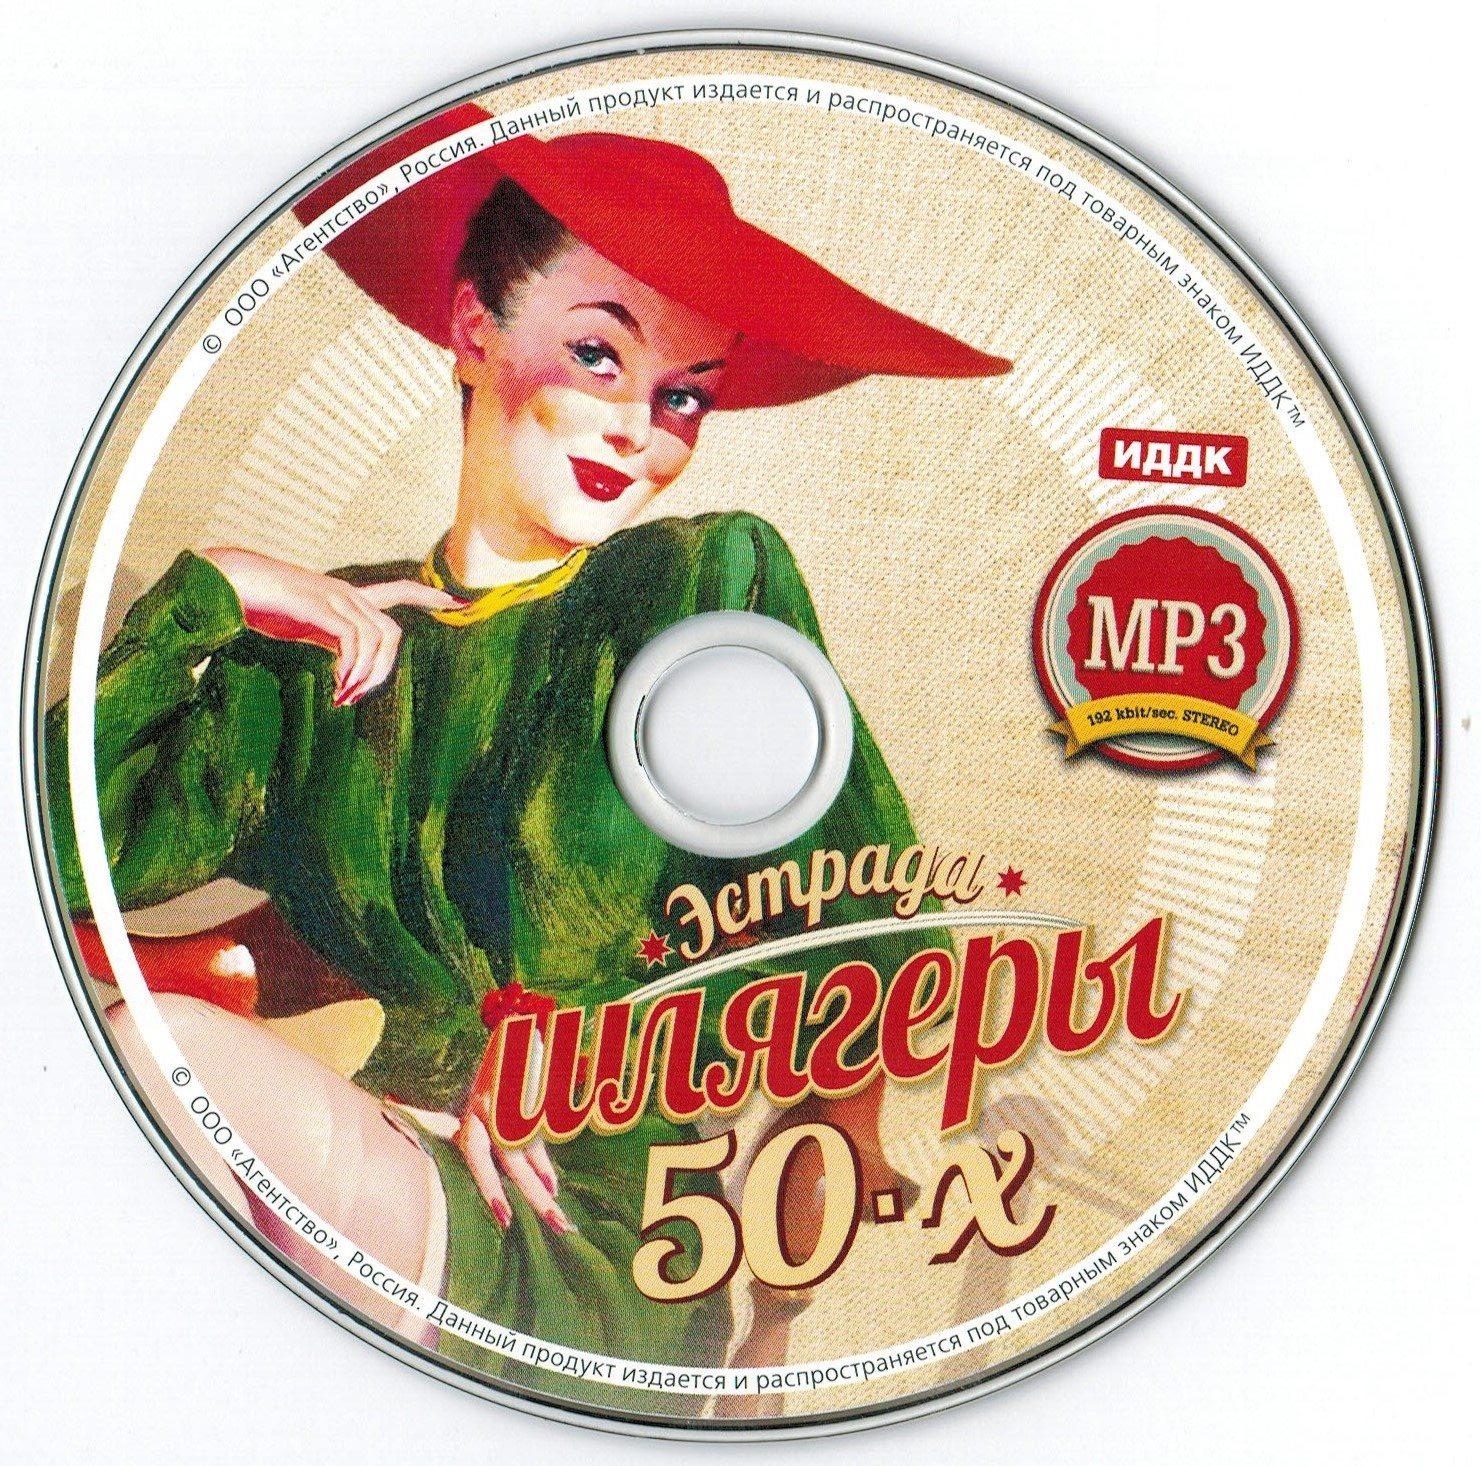 http://fs1.directupload.net/images/141202/uss9fb5a.jpg